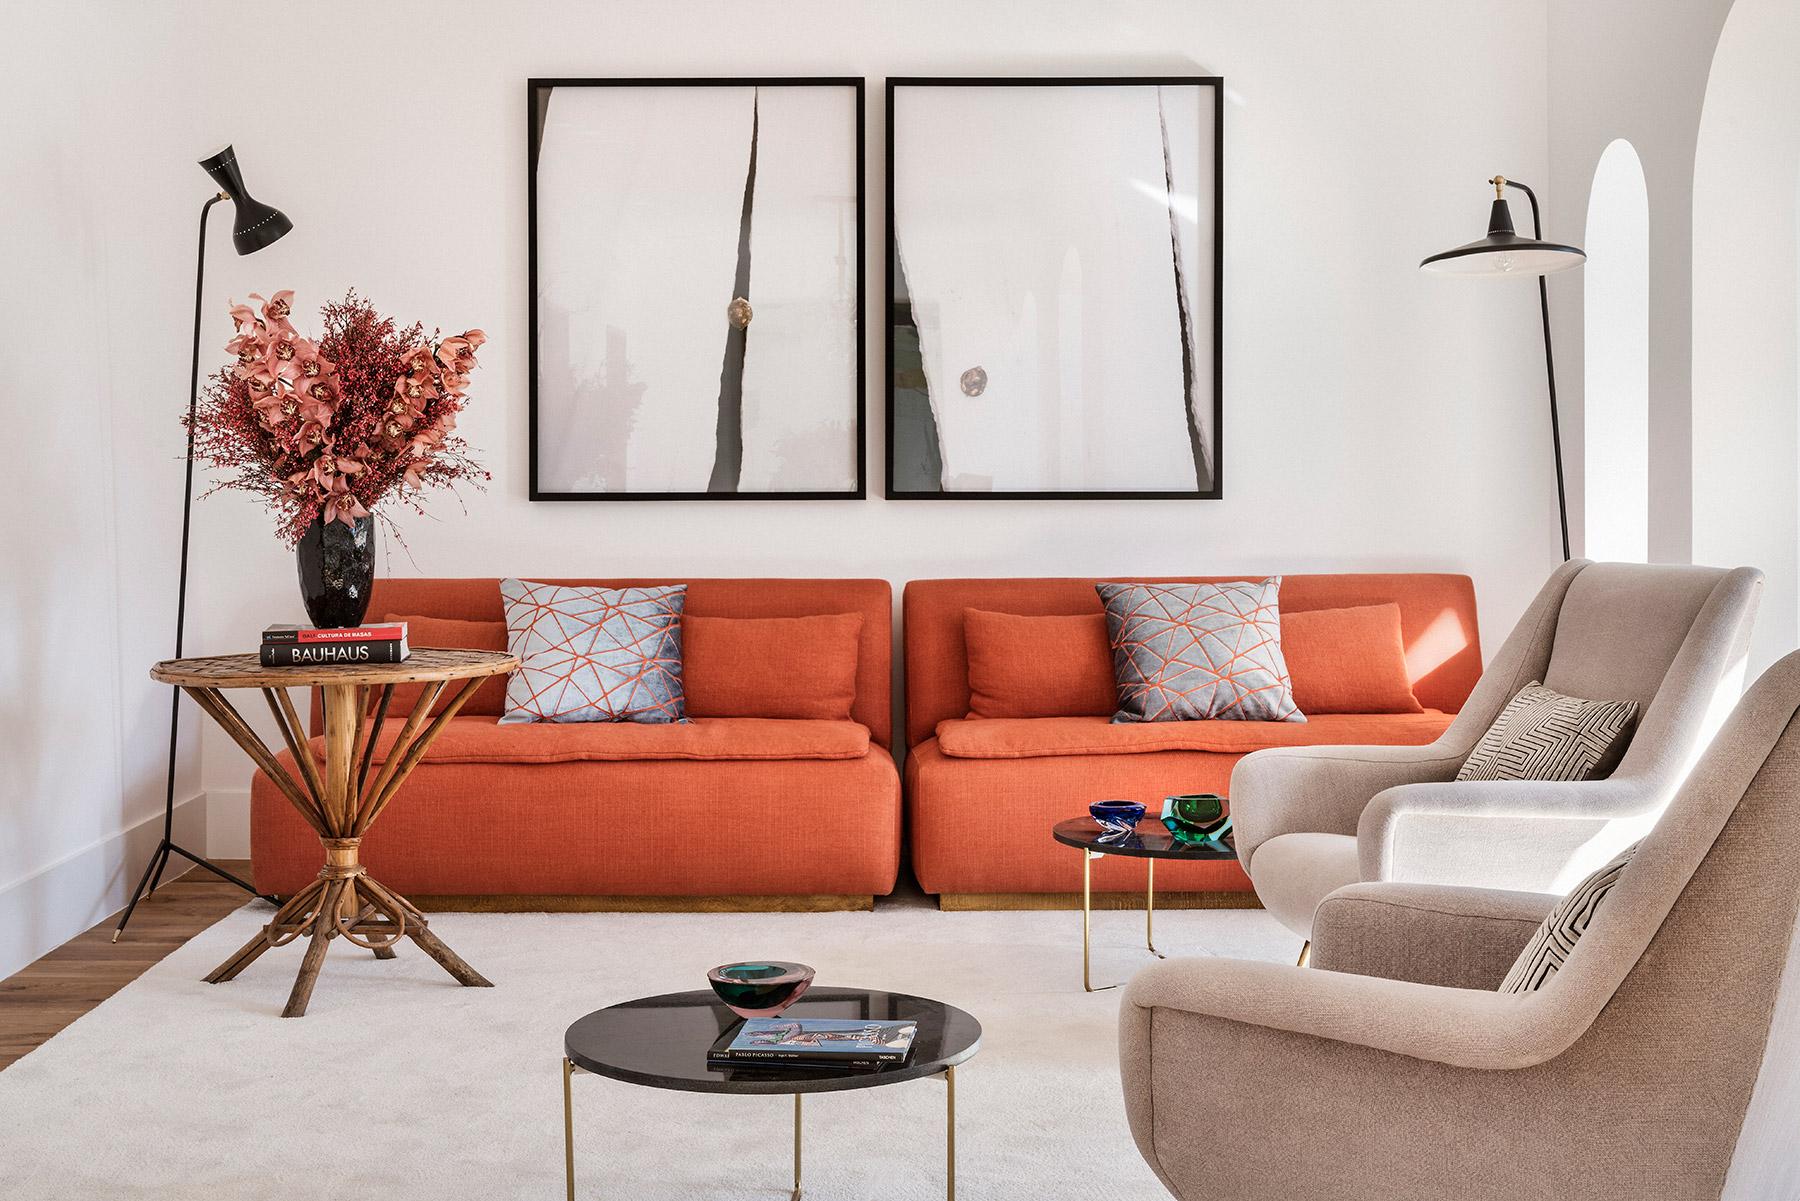 Laura Gärna crea un espacio contemporáneo lleno de piezas antiguas, arte y diseño en el madrileño barrio de Salamanca